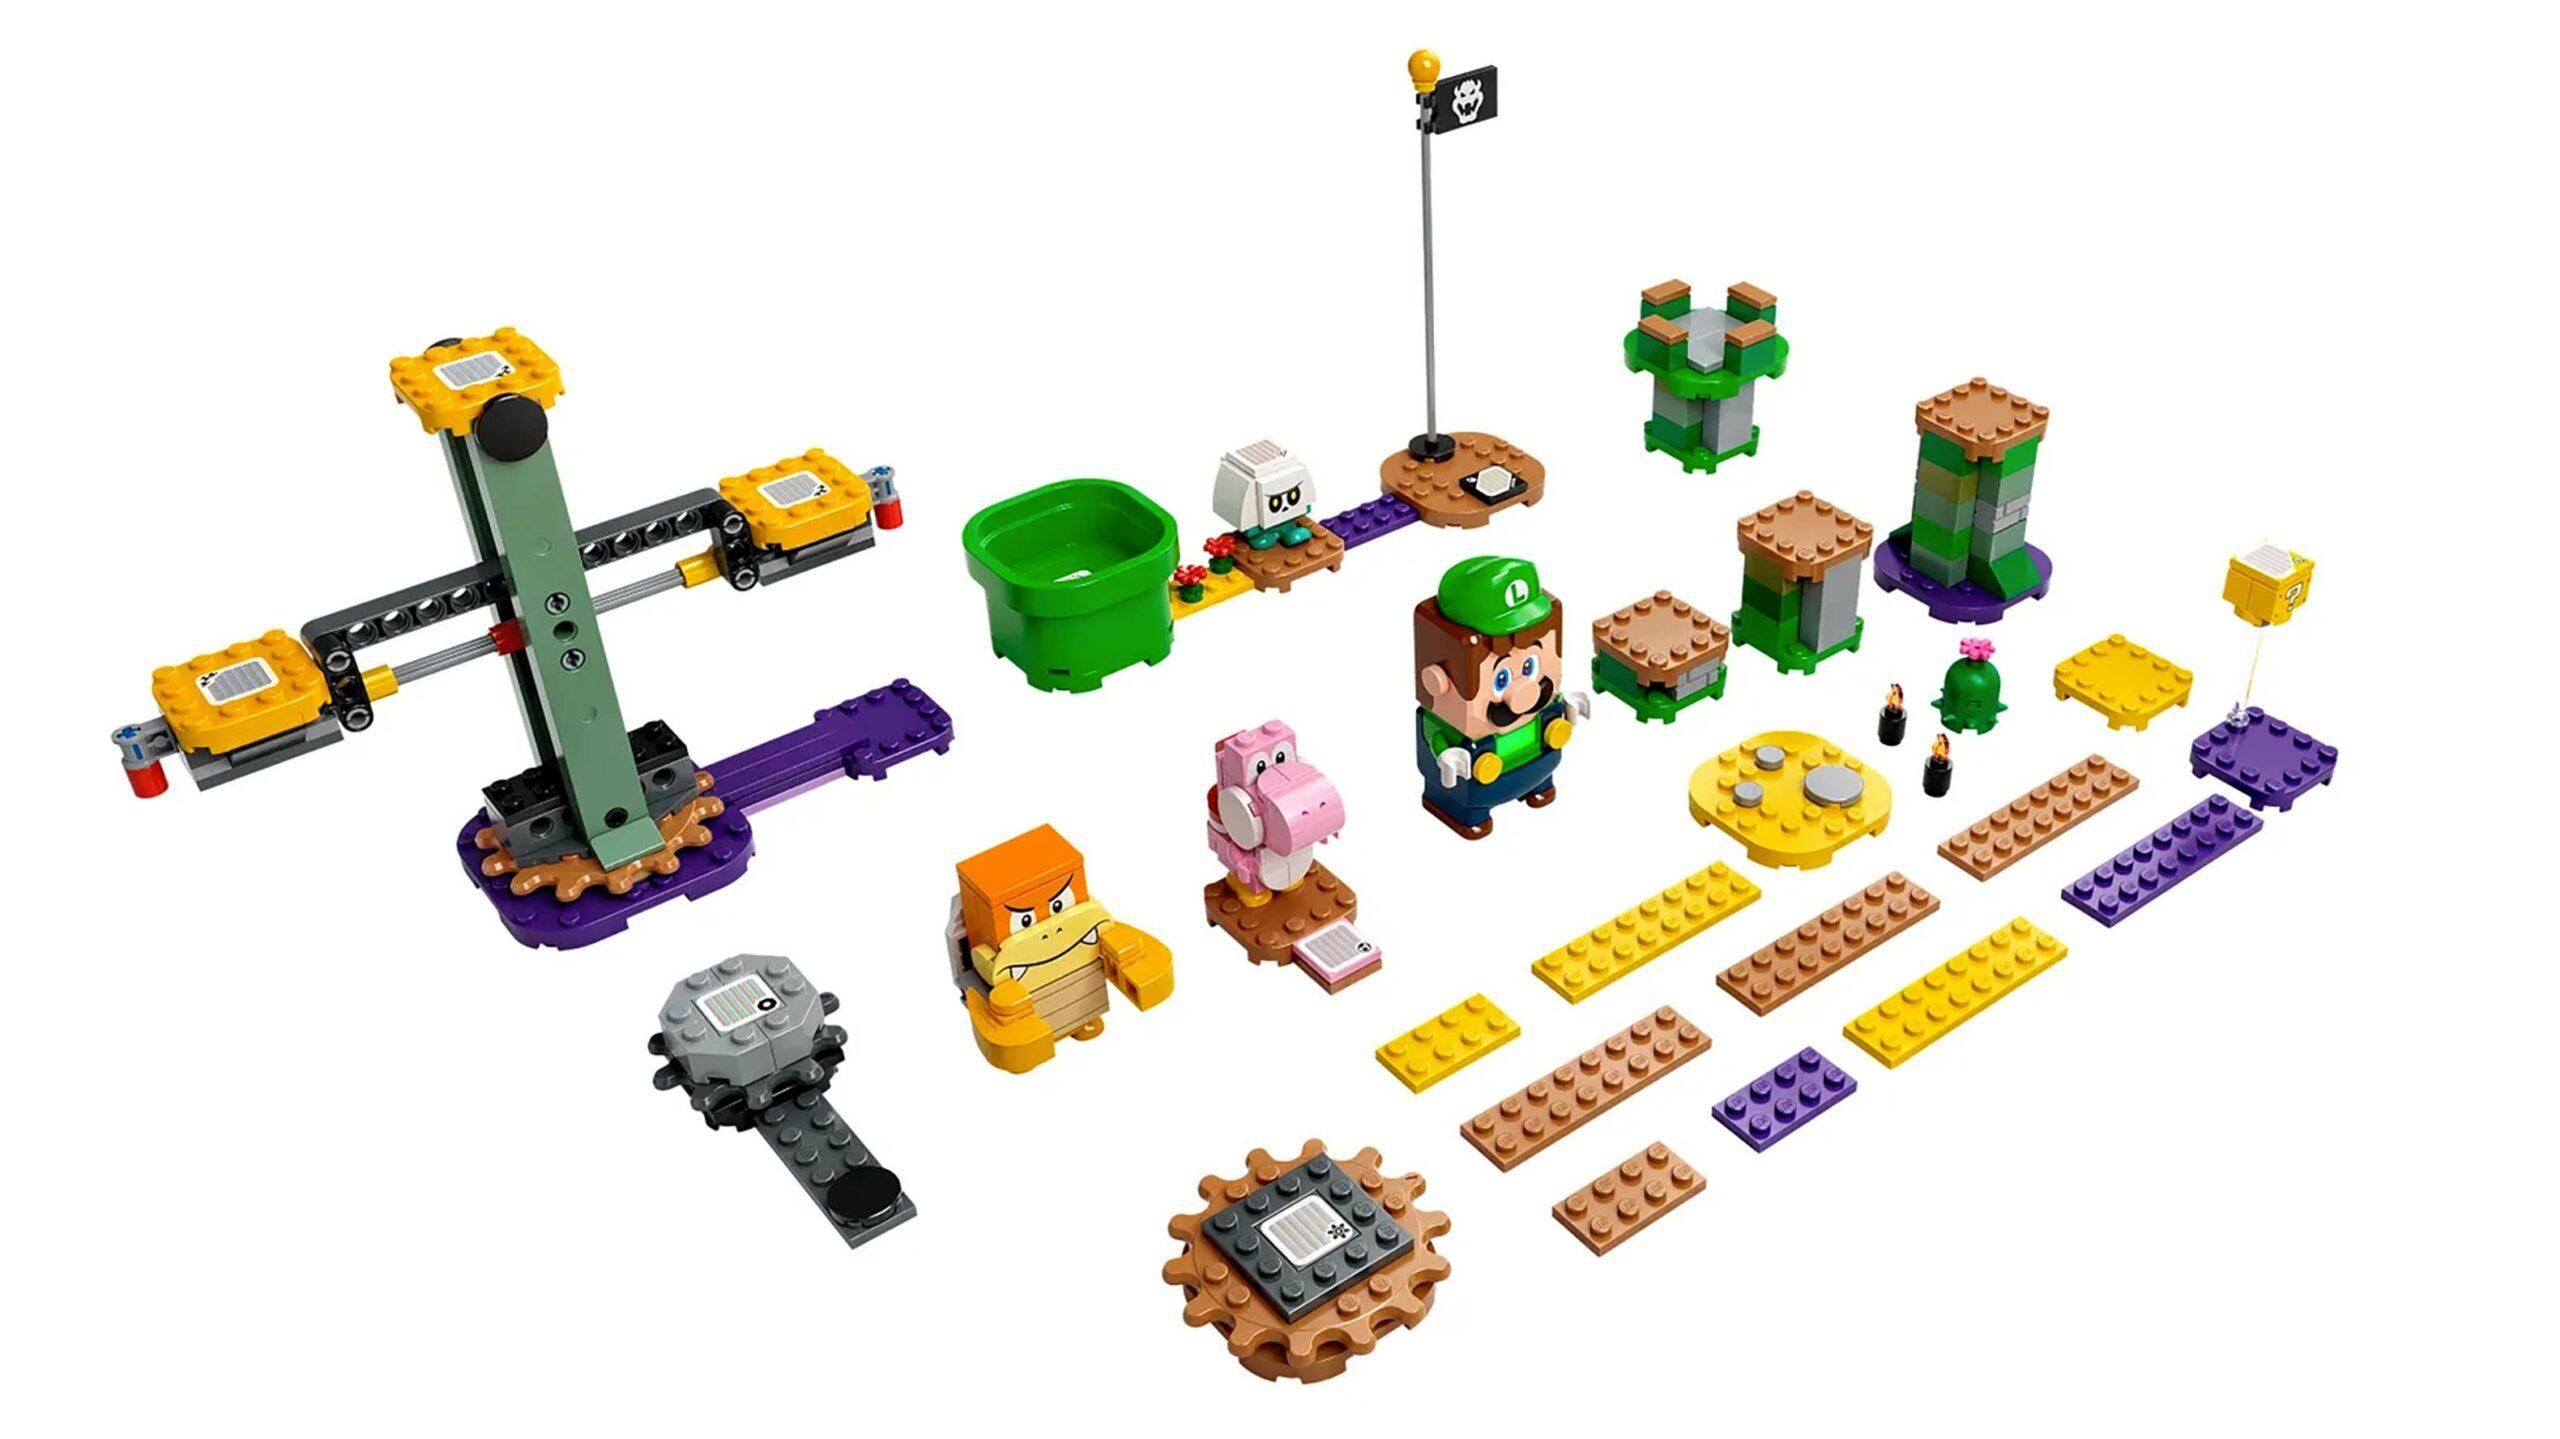 Luigi Lego set